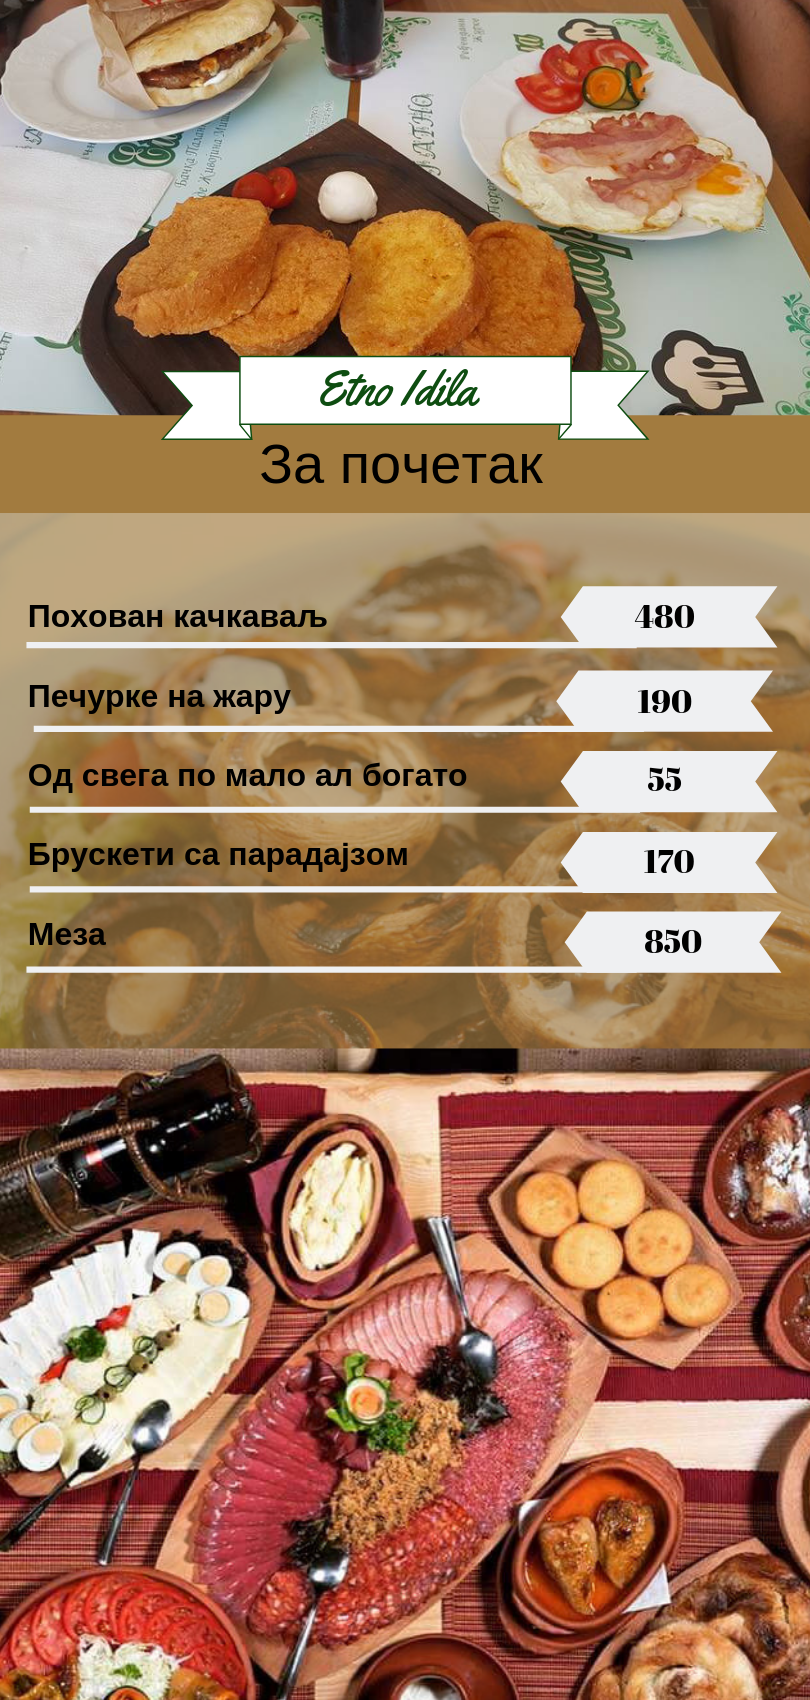 etno idila hrana(4)